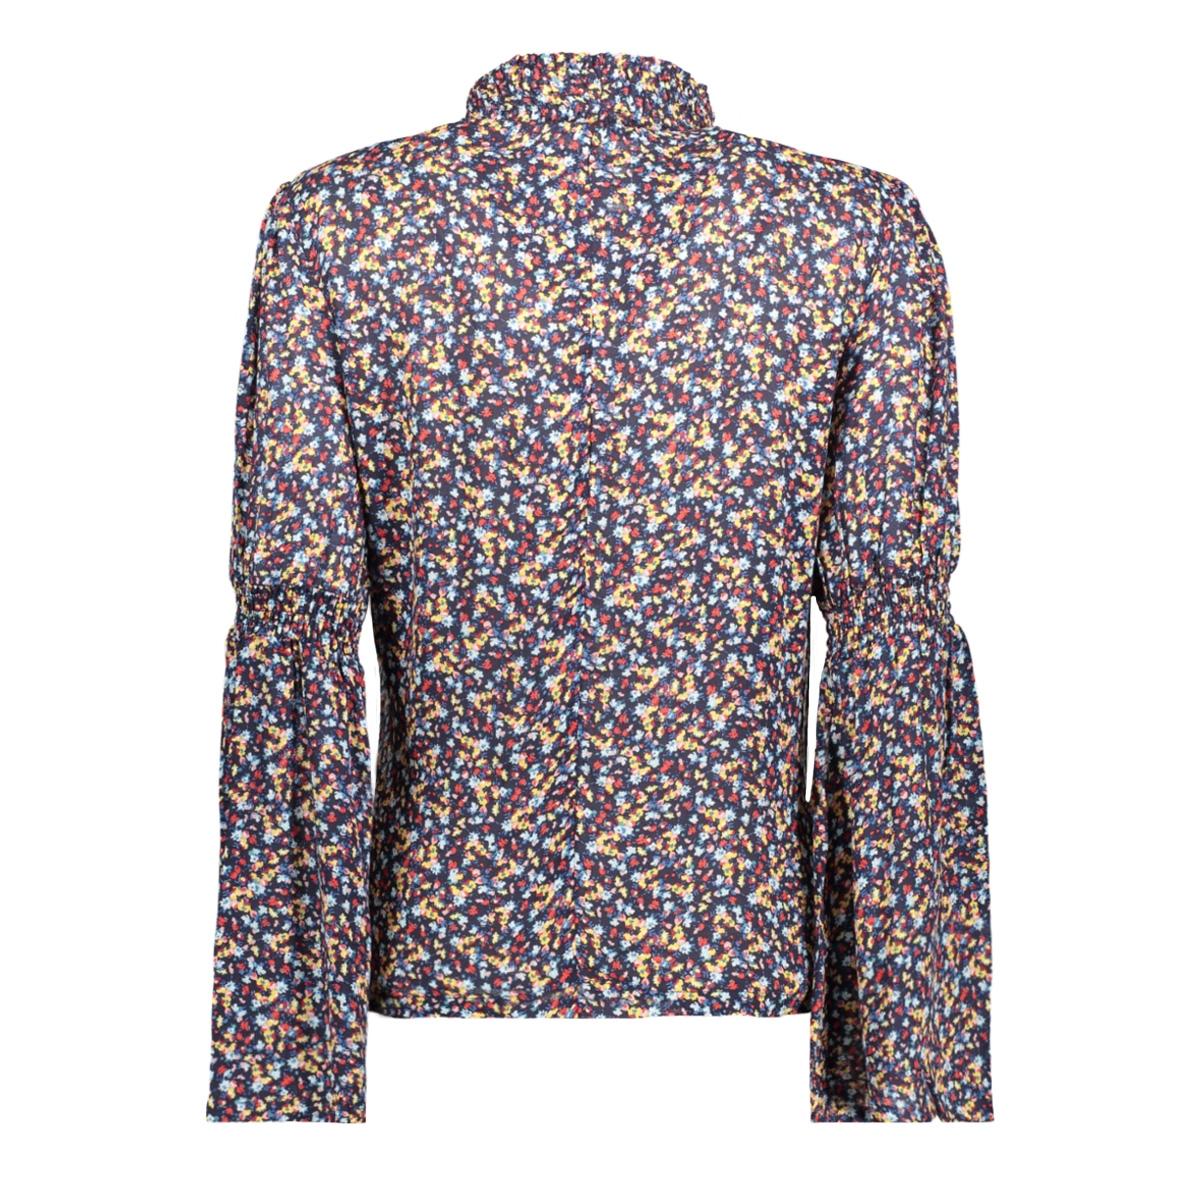 097cc1f005 edc blouse c401